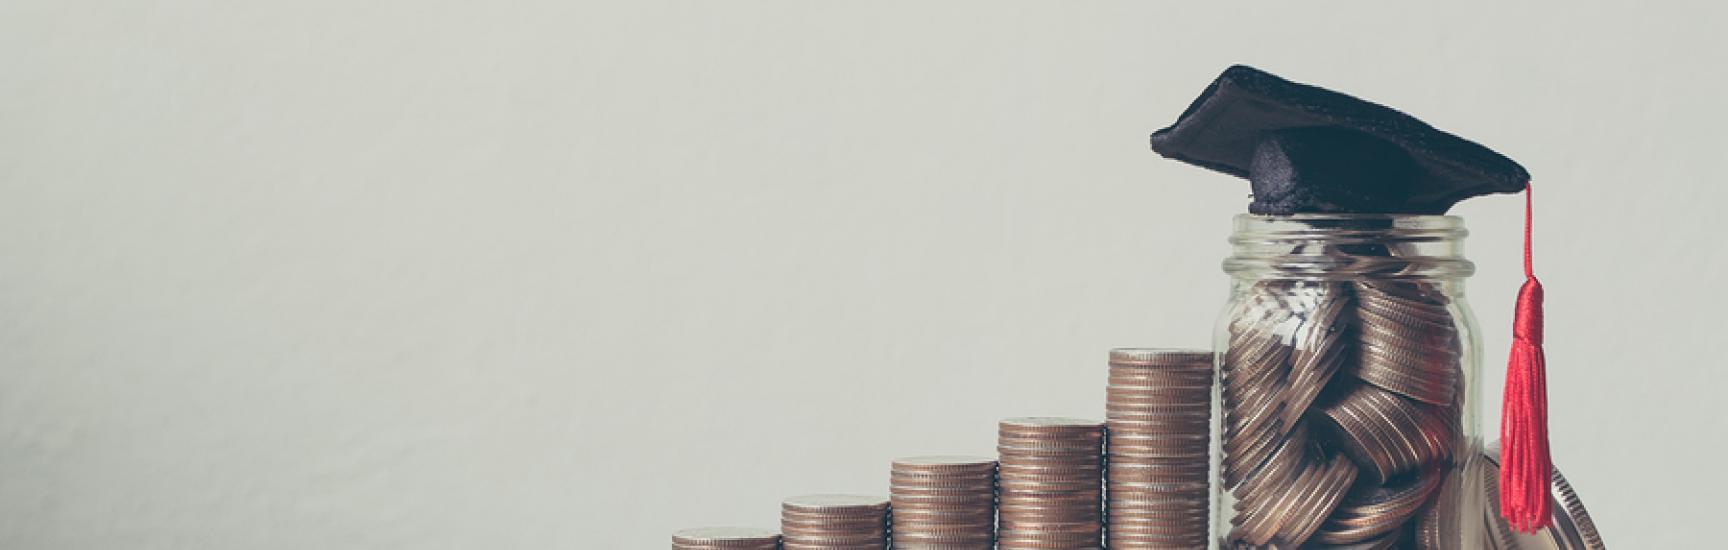 Scholarship money concept coins